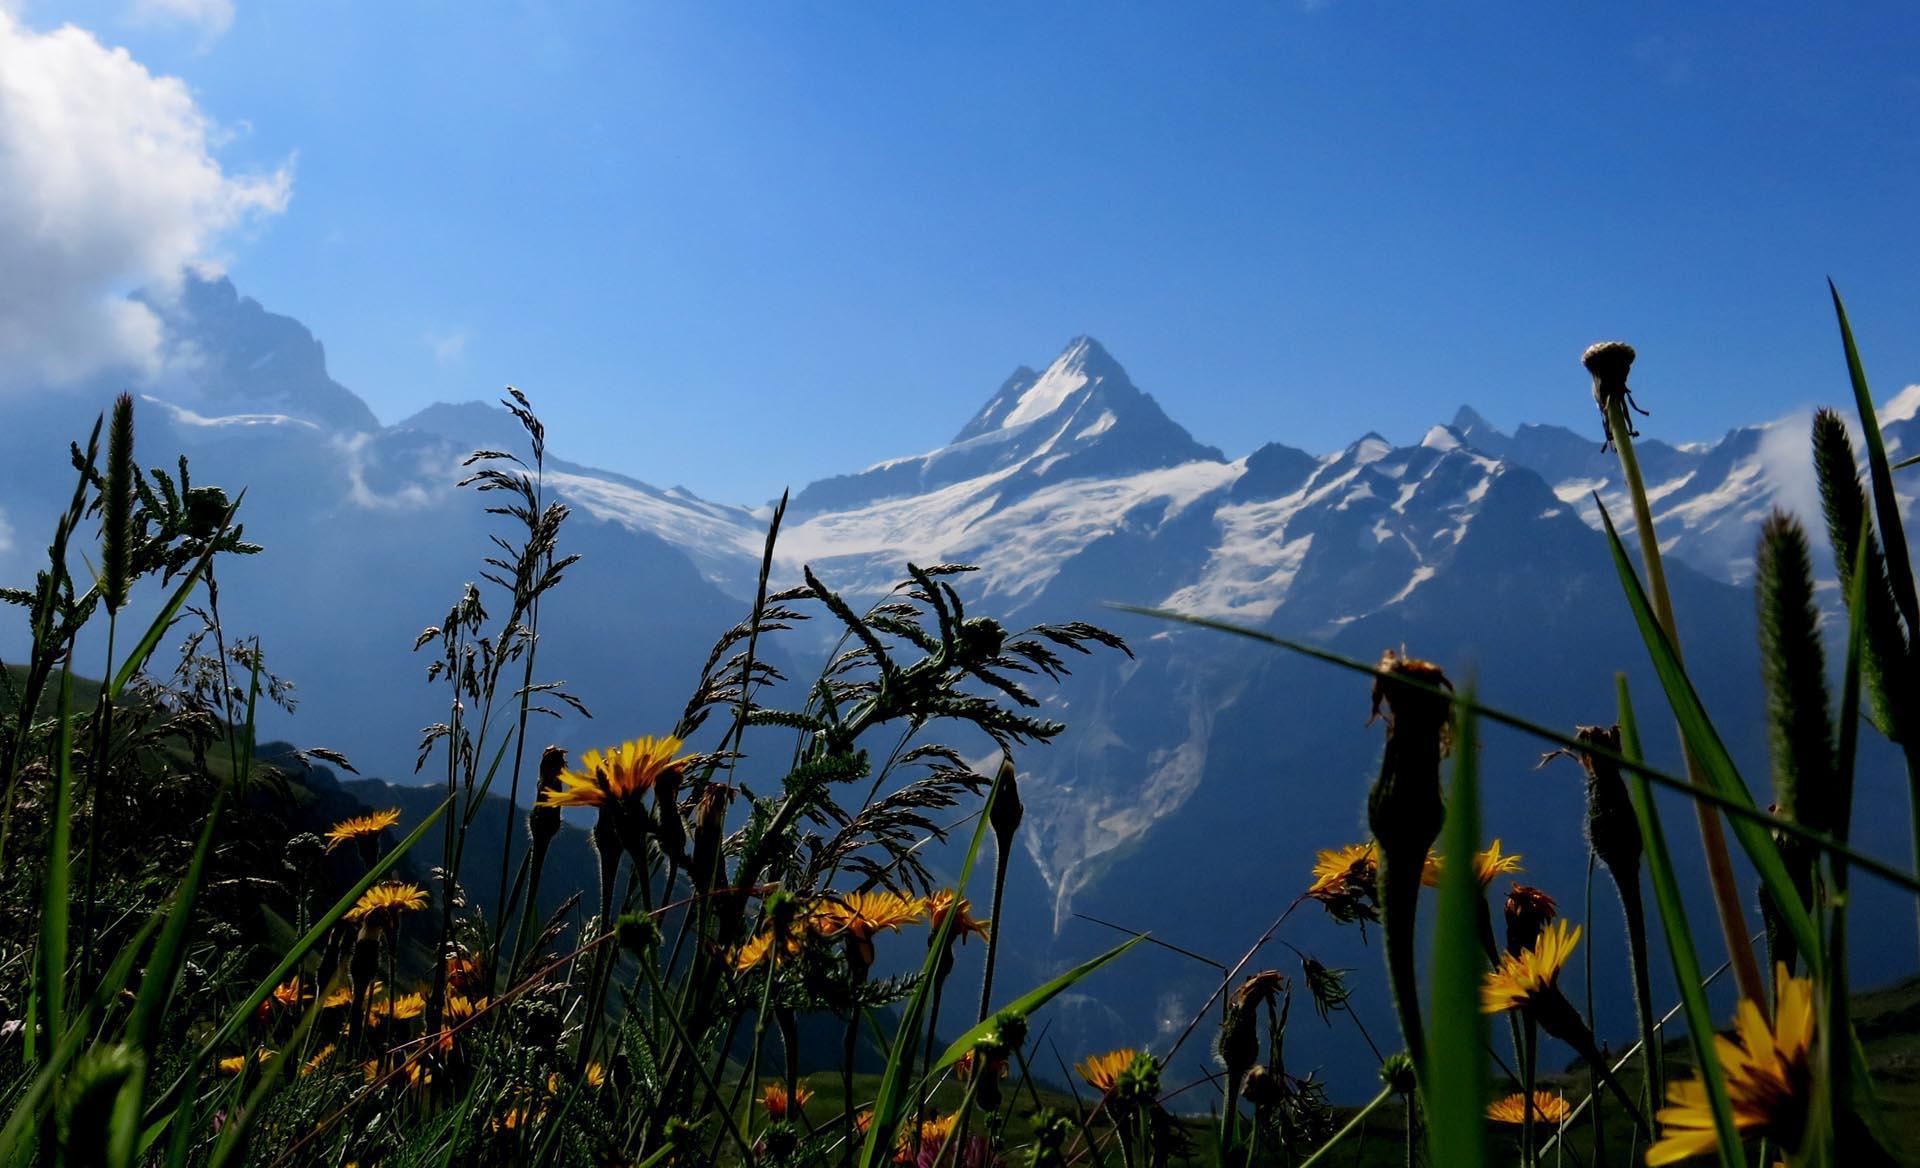 Viajes Alventus  Oberland Berns Senderos de los Alpes